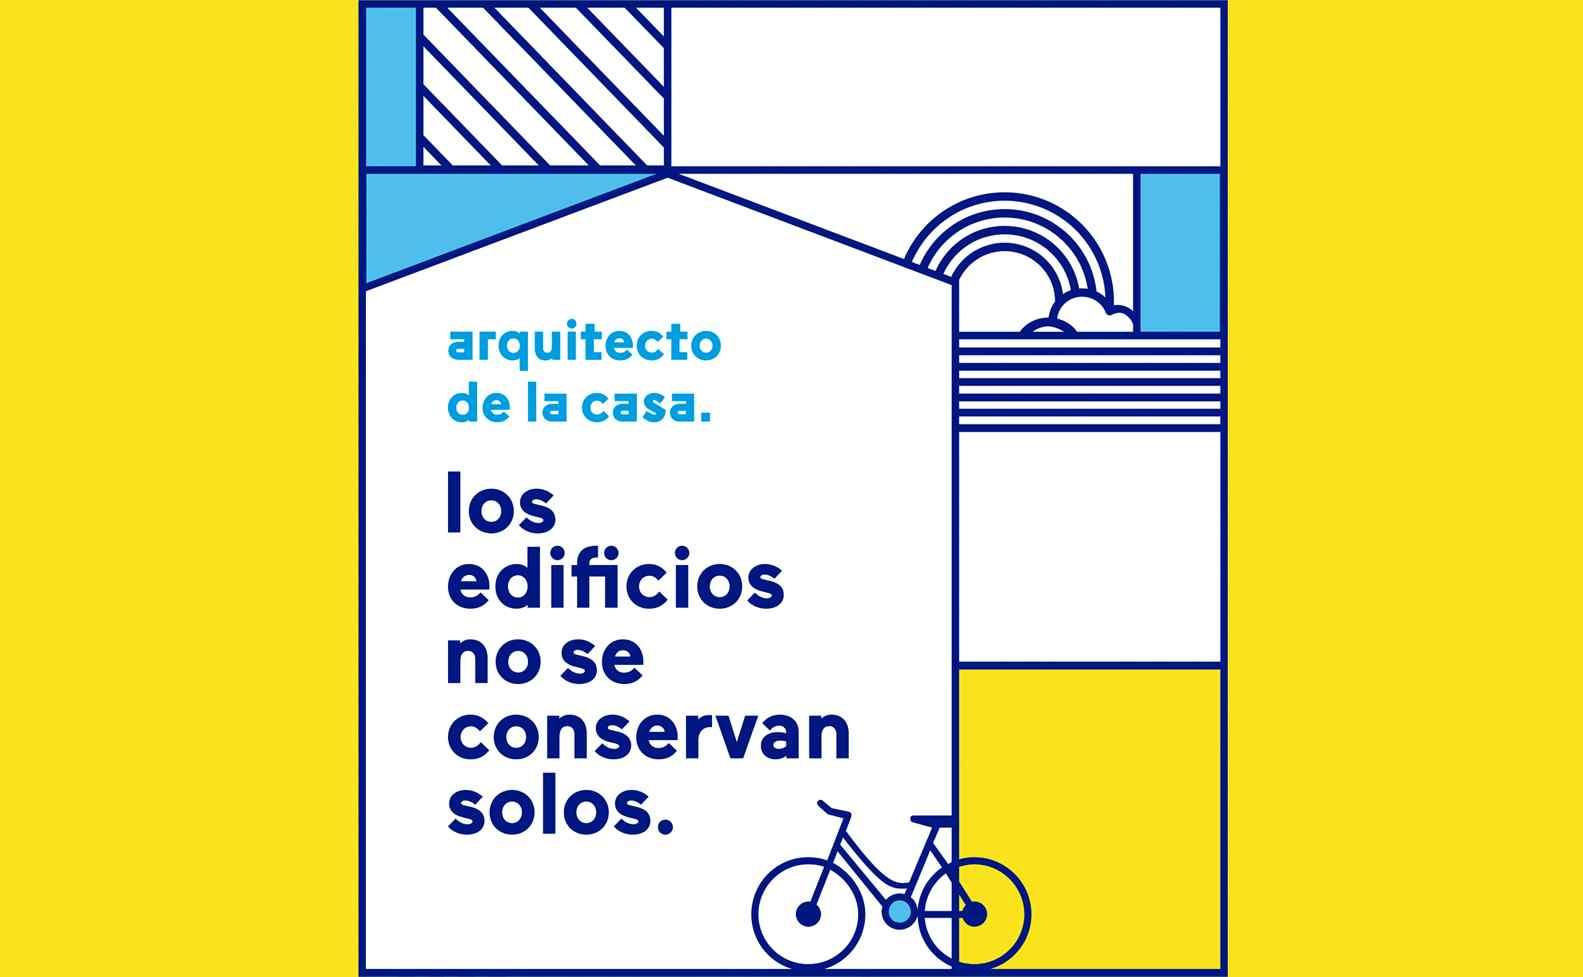 Arquitecto-de-la-casa-760jpg